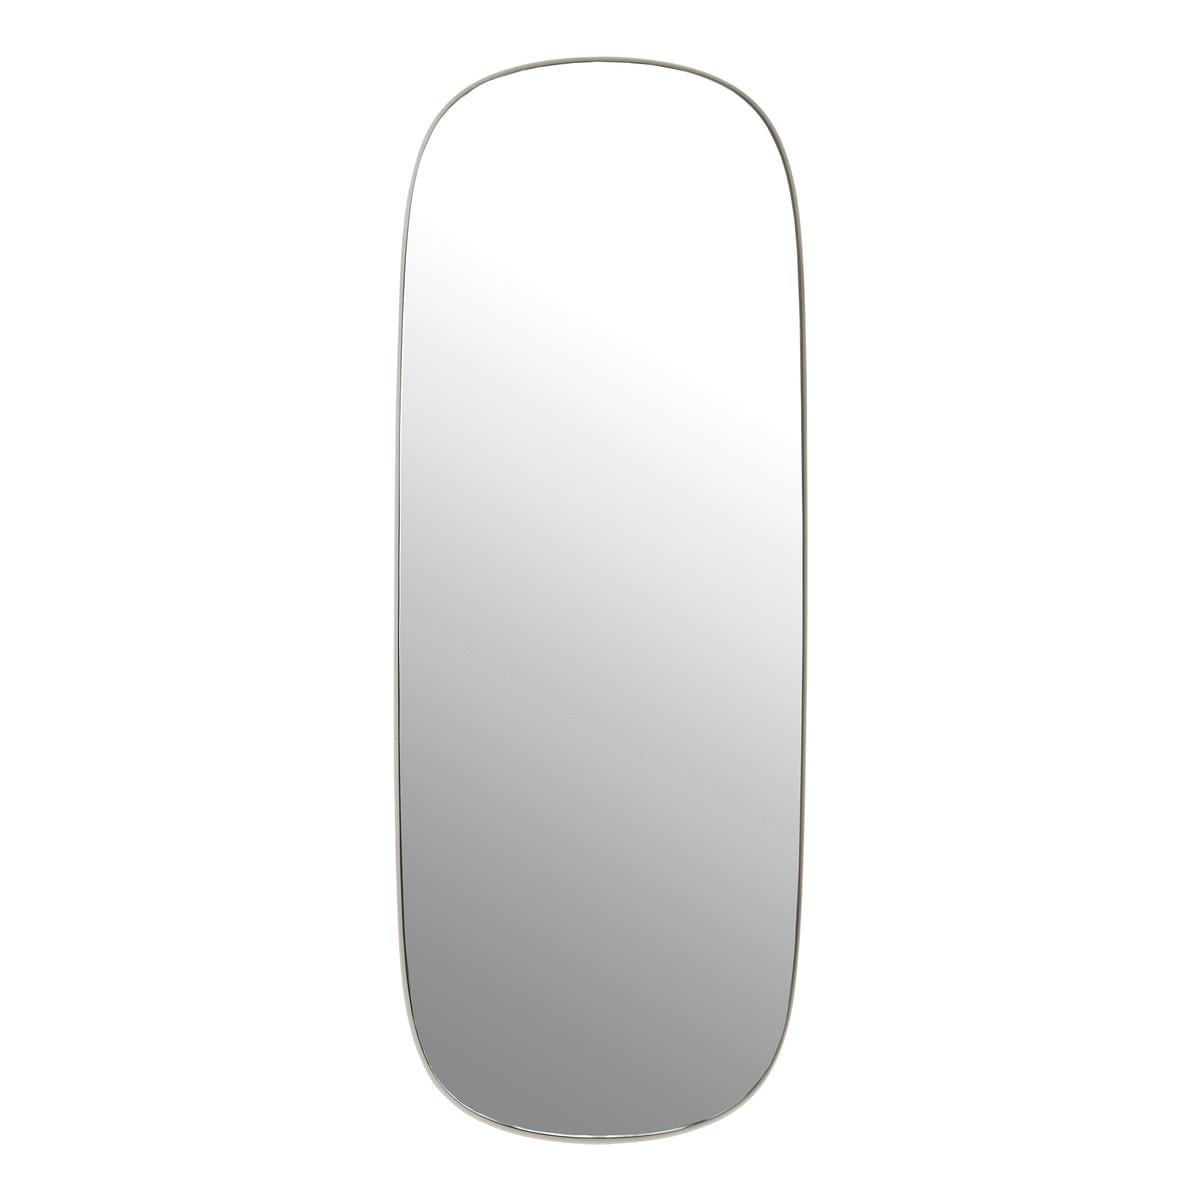 Framed mirrors online